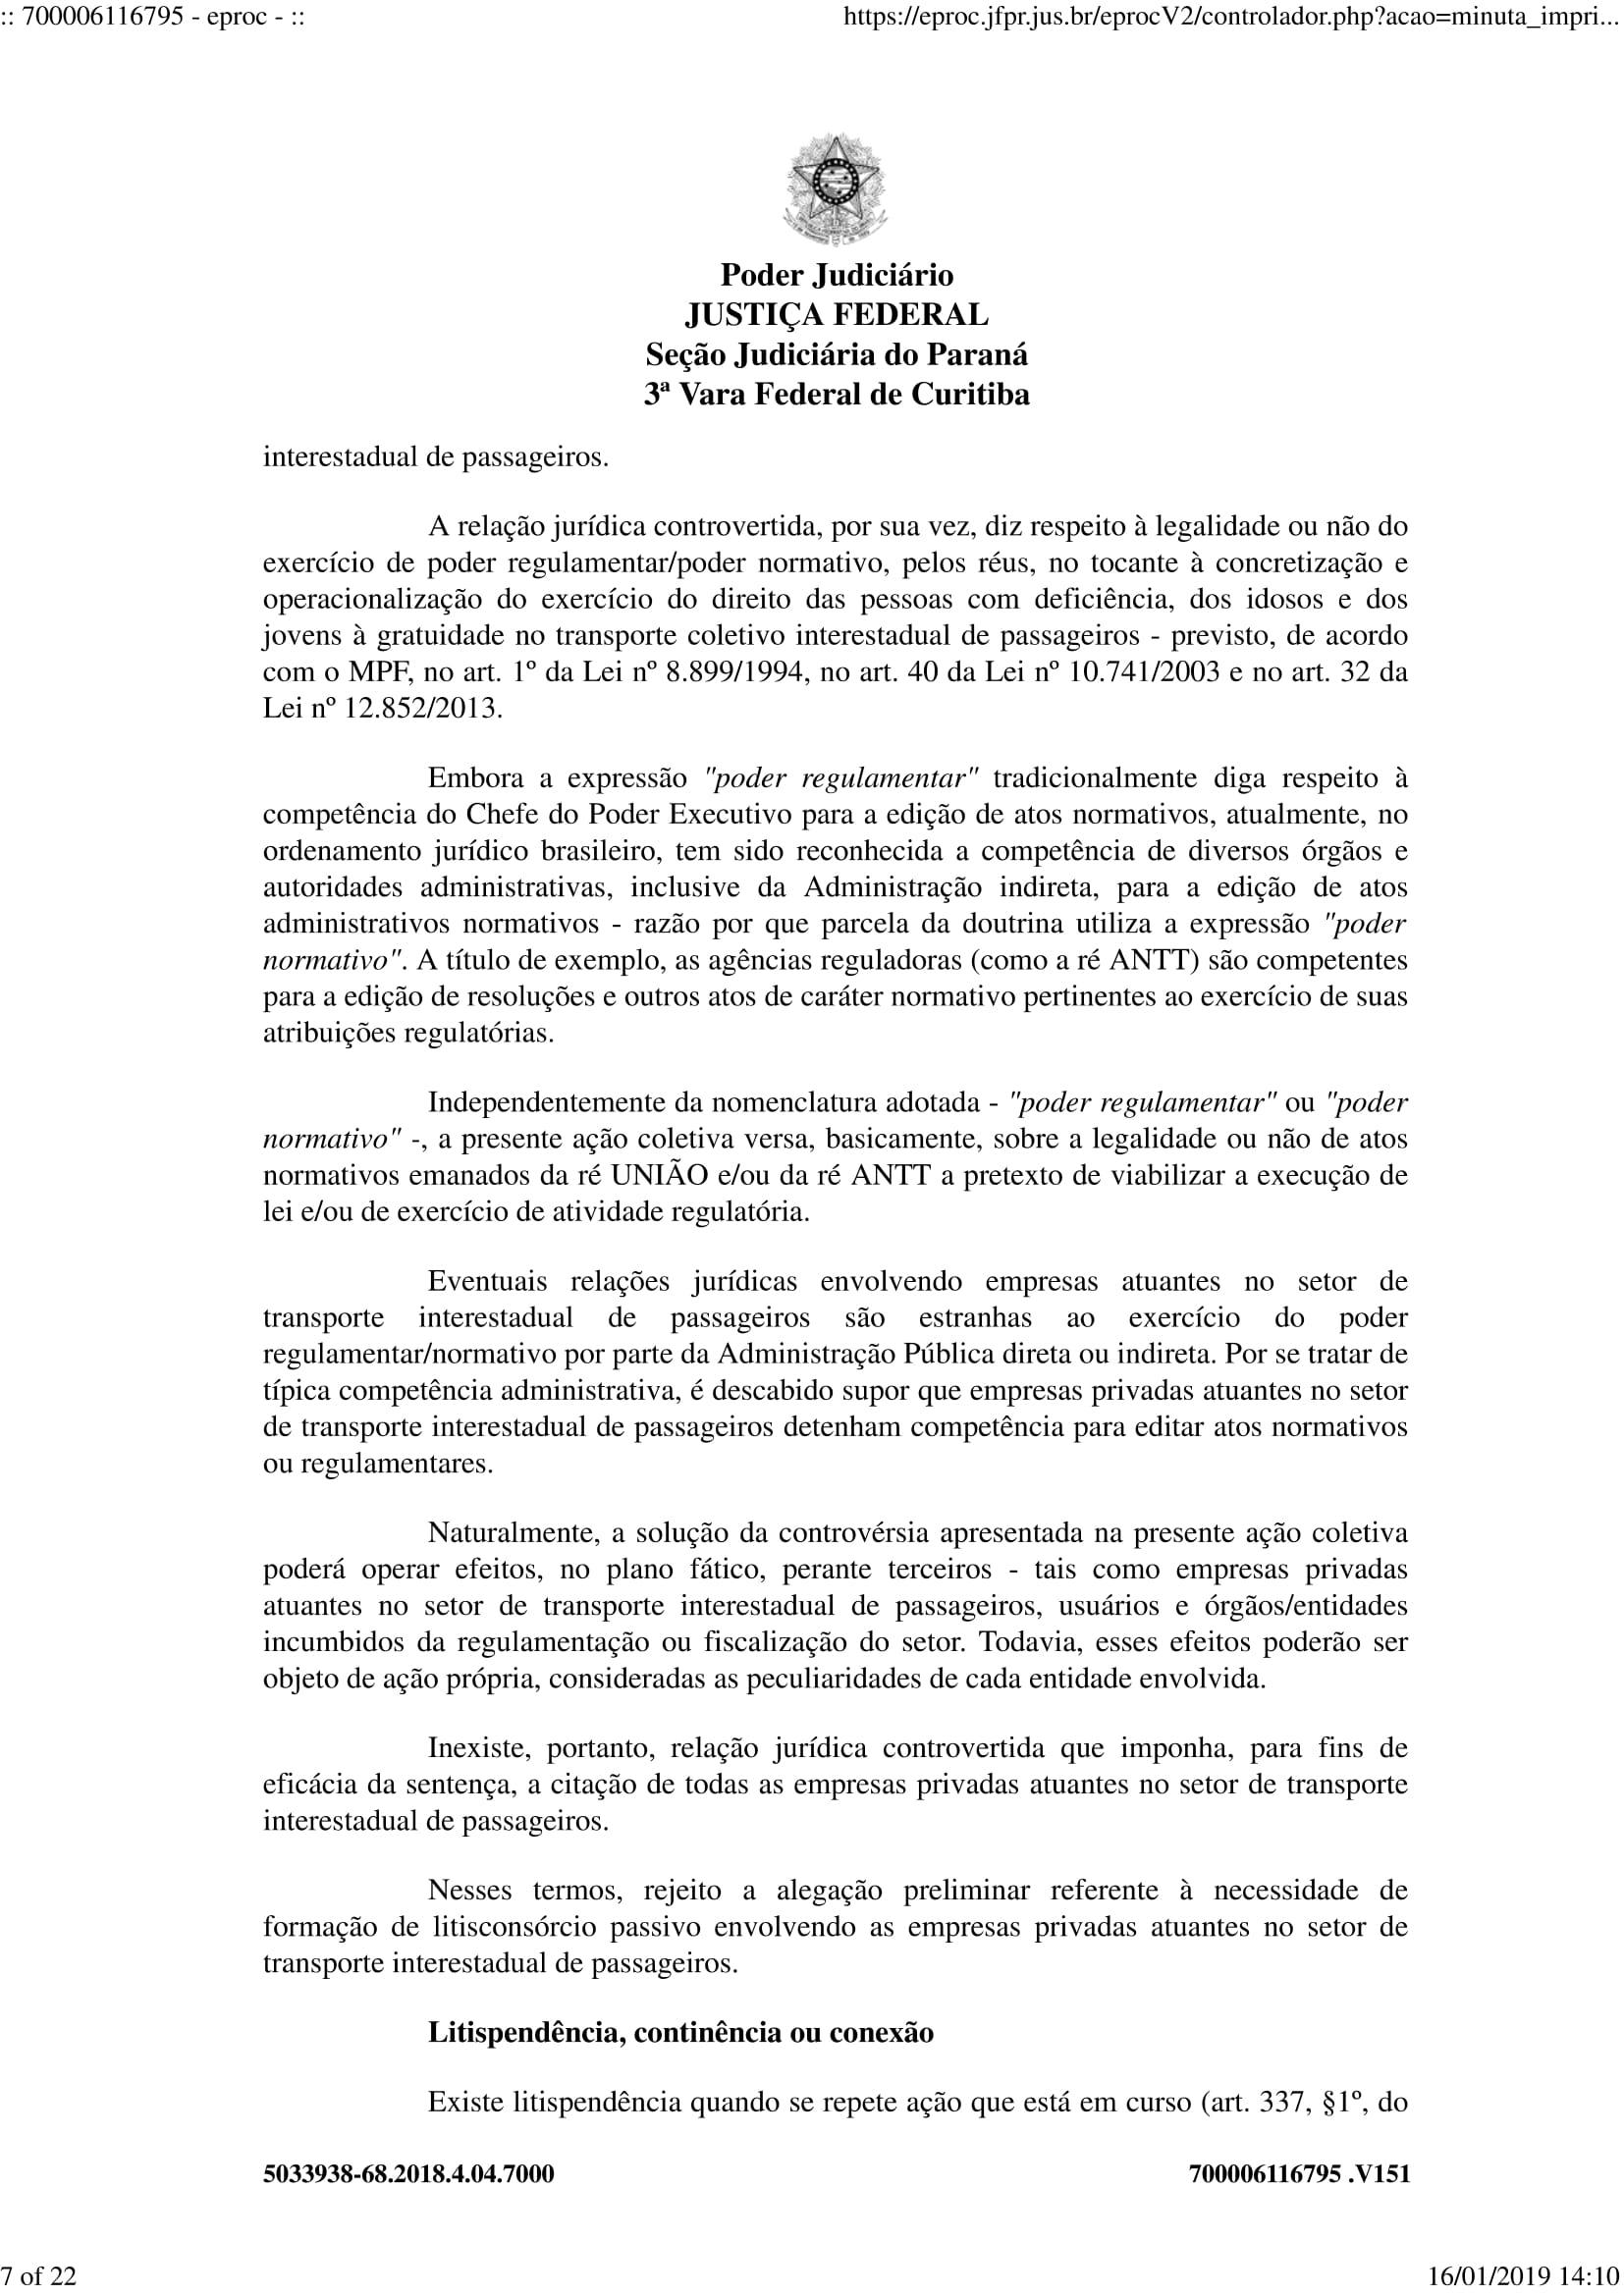 DECISÃO-2-07